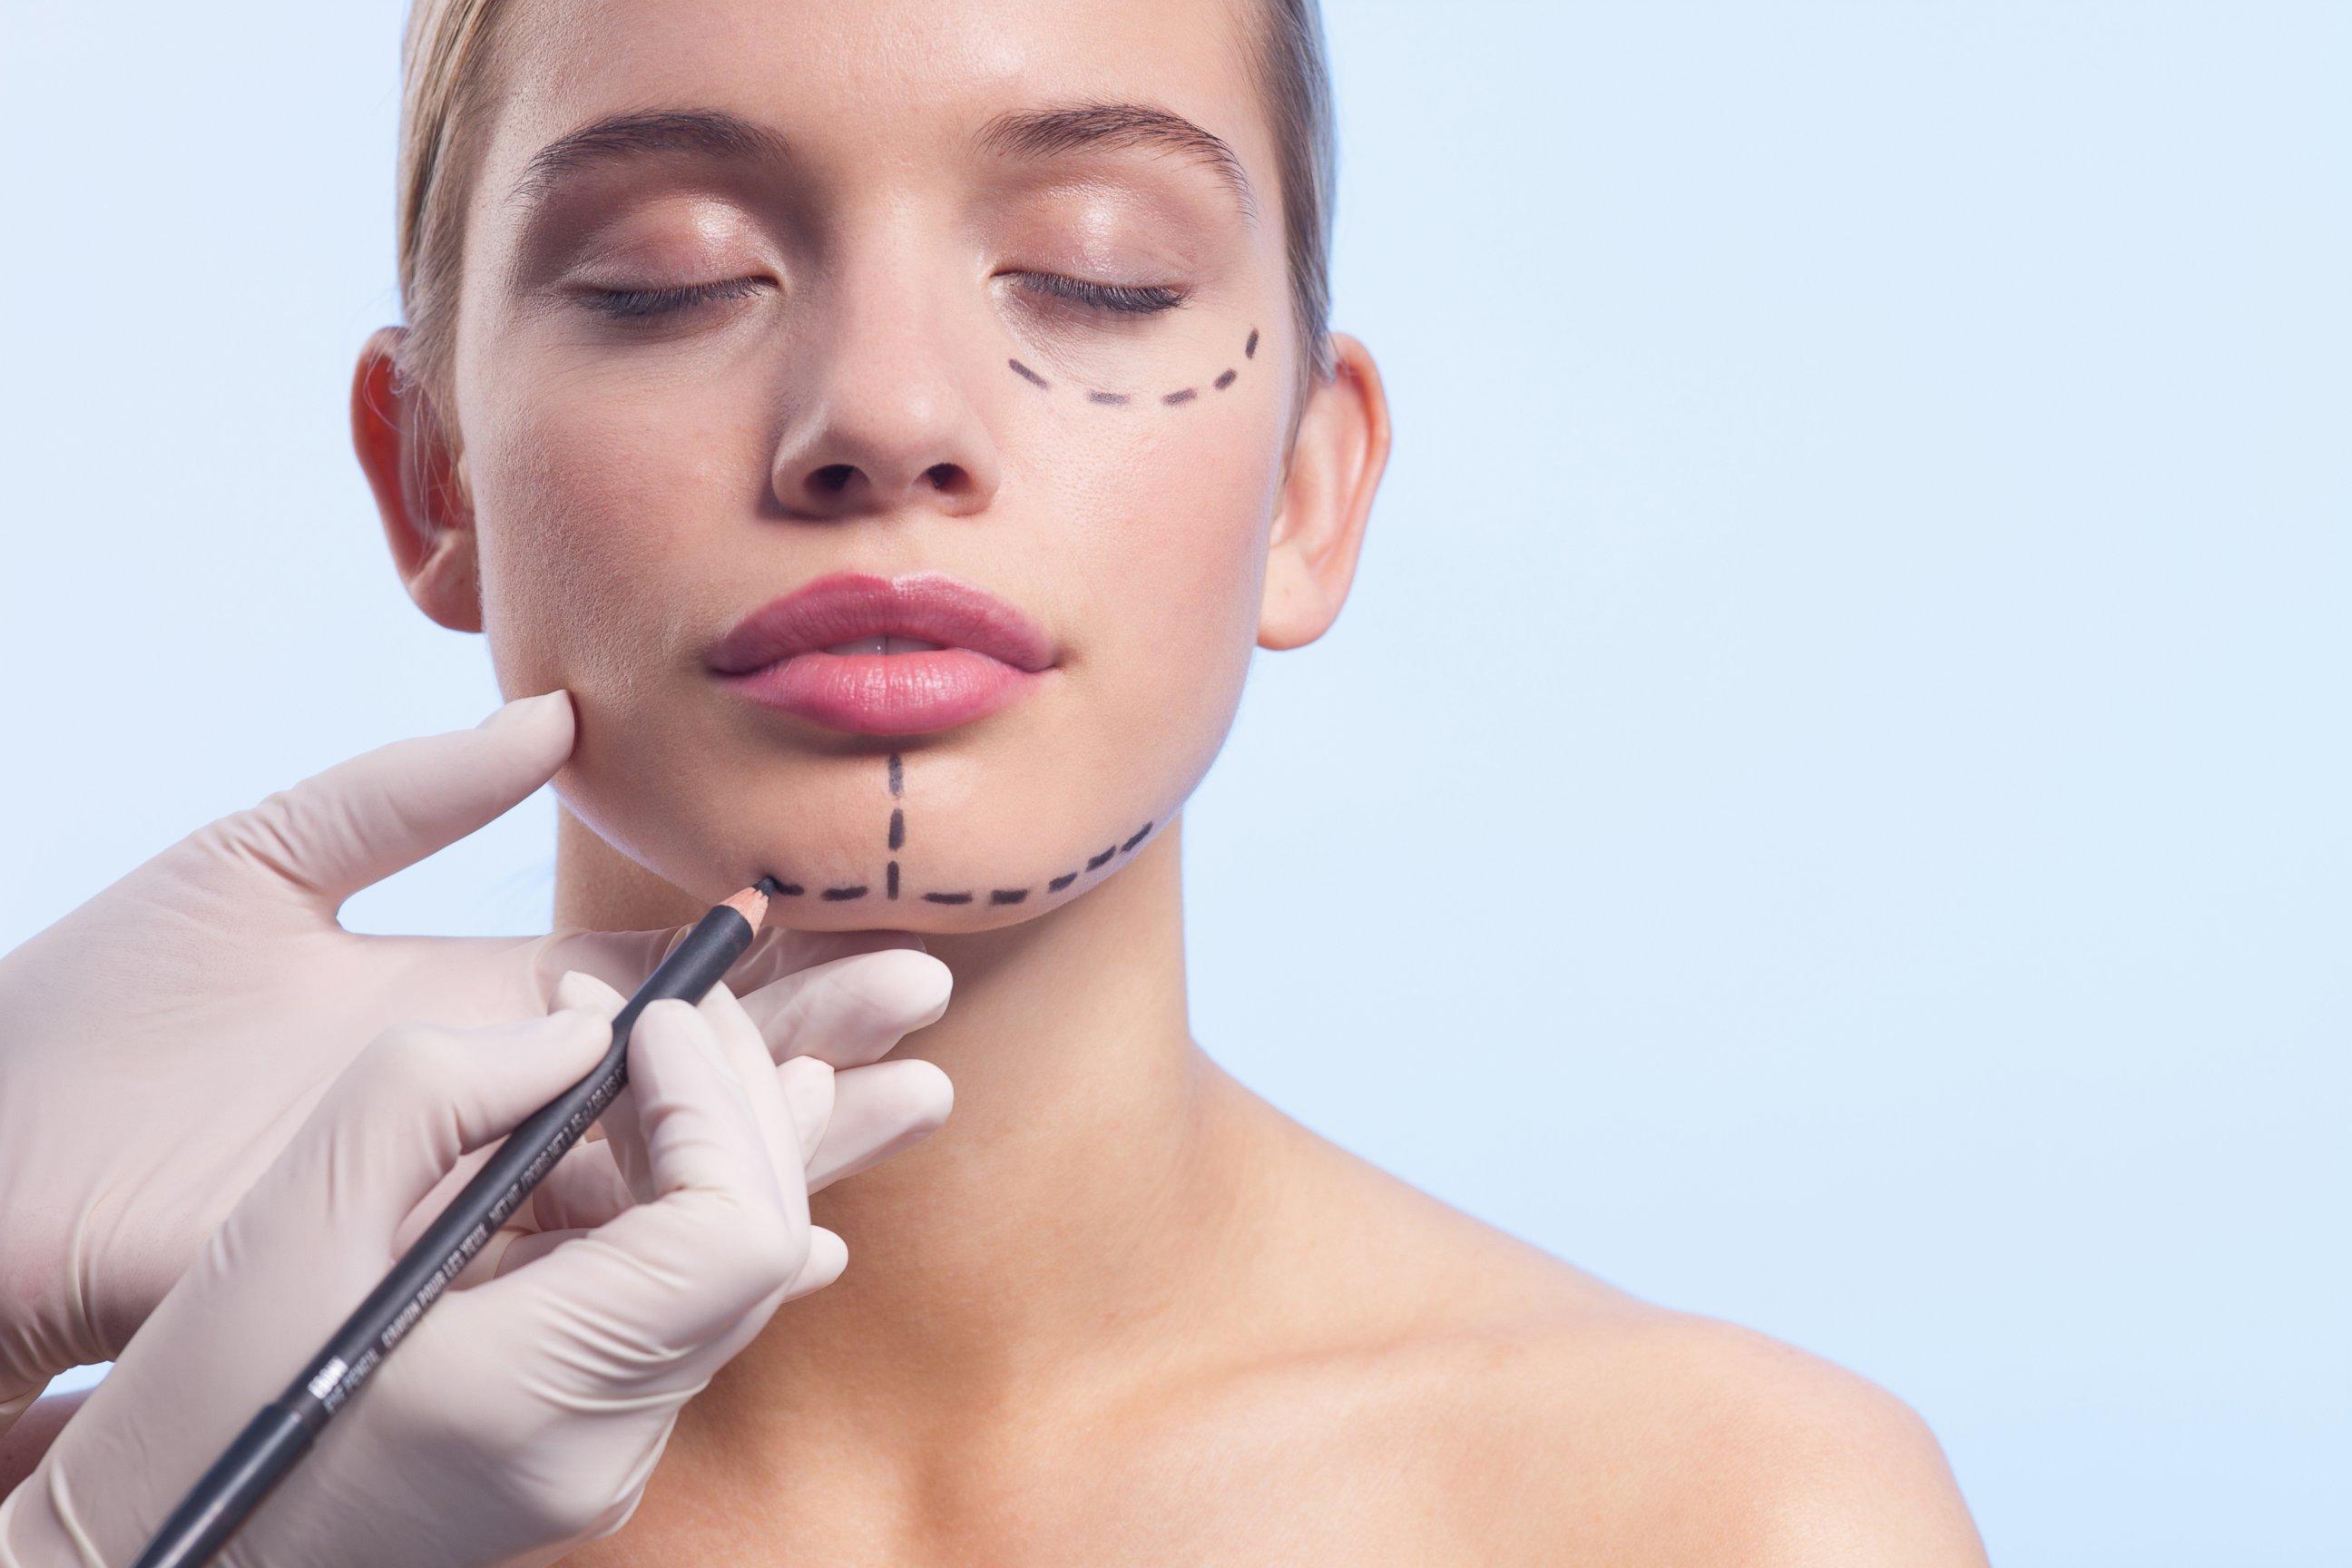 Facial Surgery Procedures